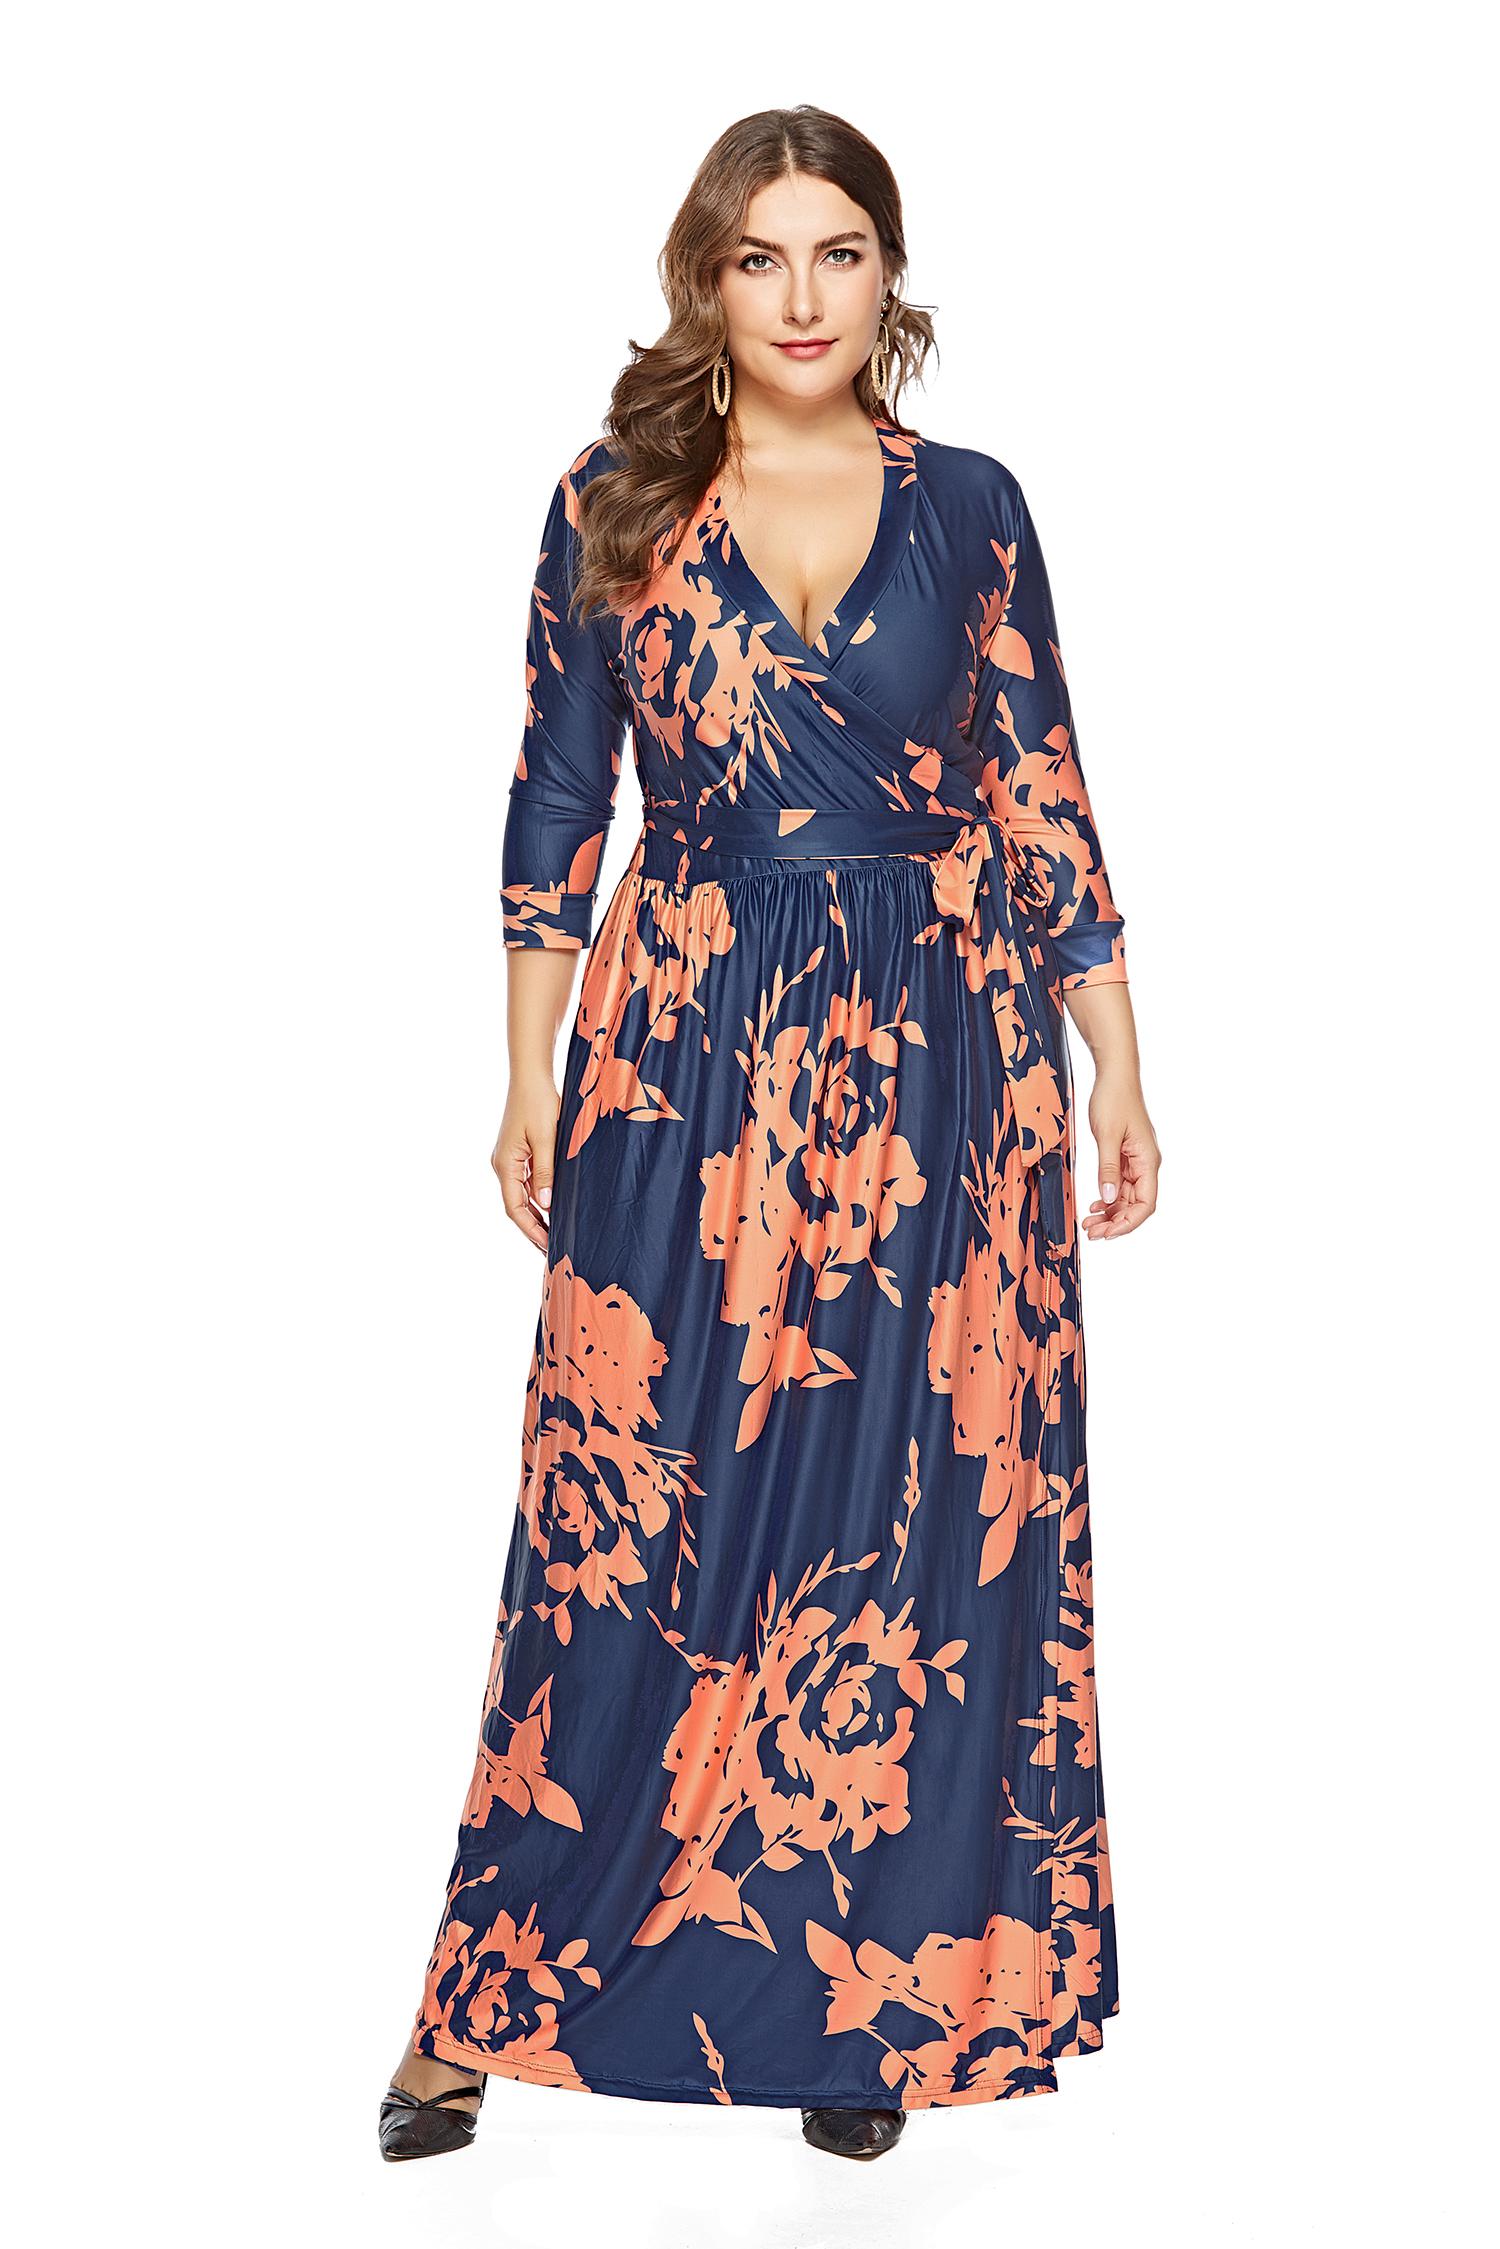 Plus Size Long Sleeve Floral Wrap Maxi Dress